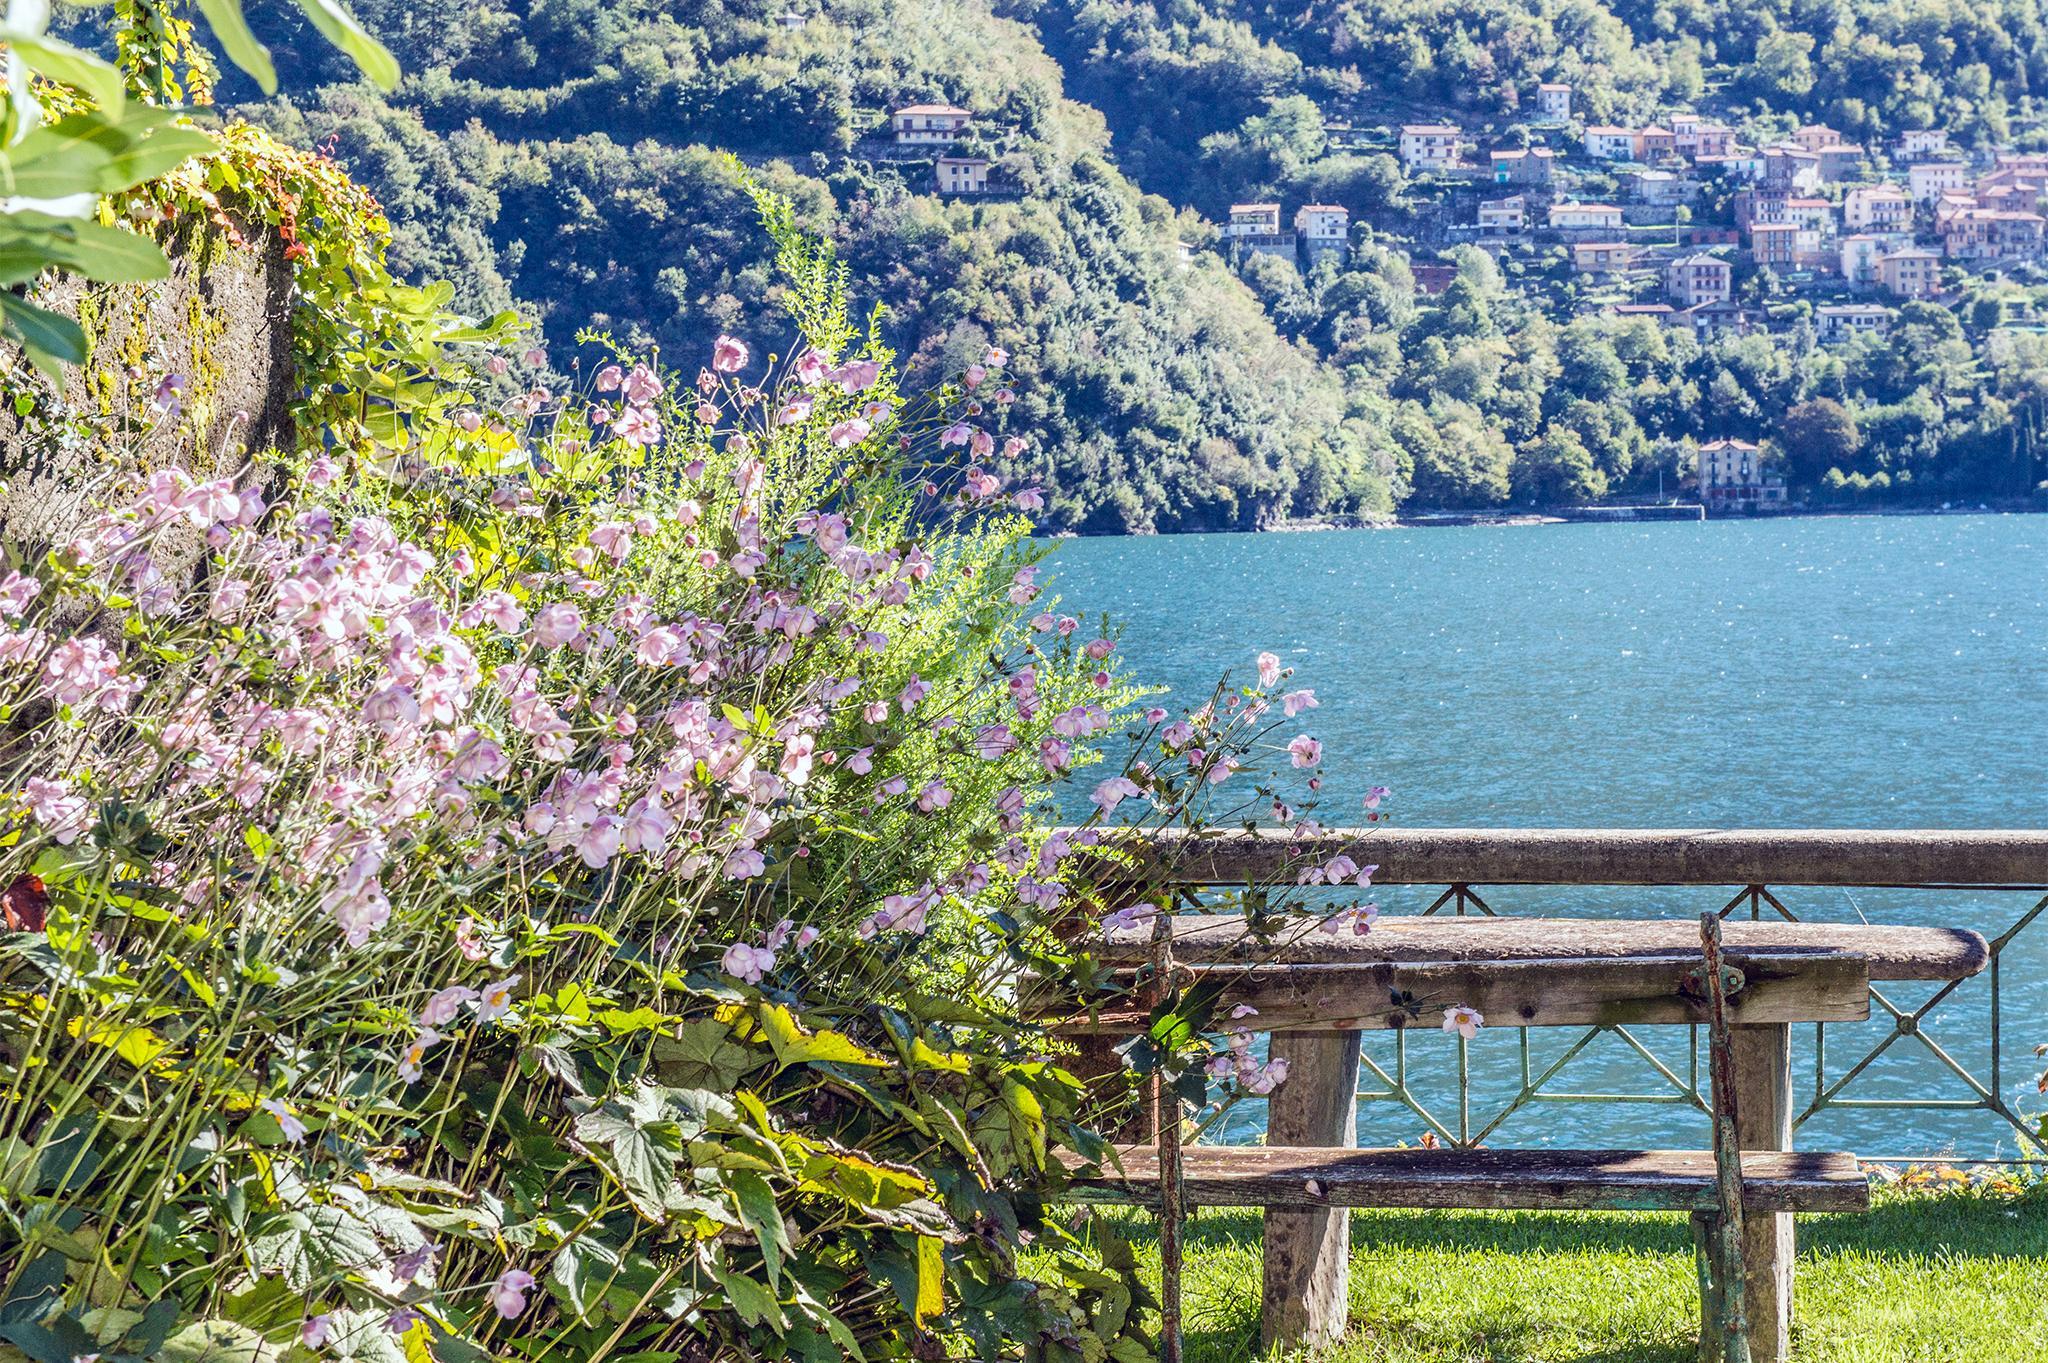 Maison à vendre bord de lac, villa a vendre lac | Sotheby's Realty - sothebys.photo 1